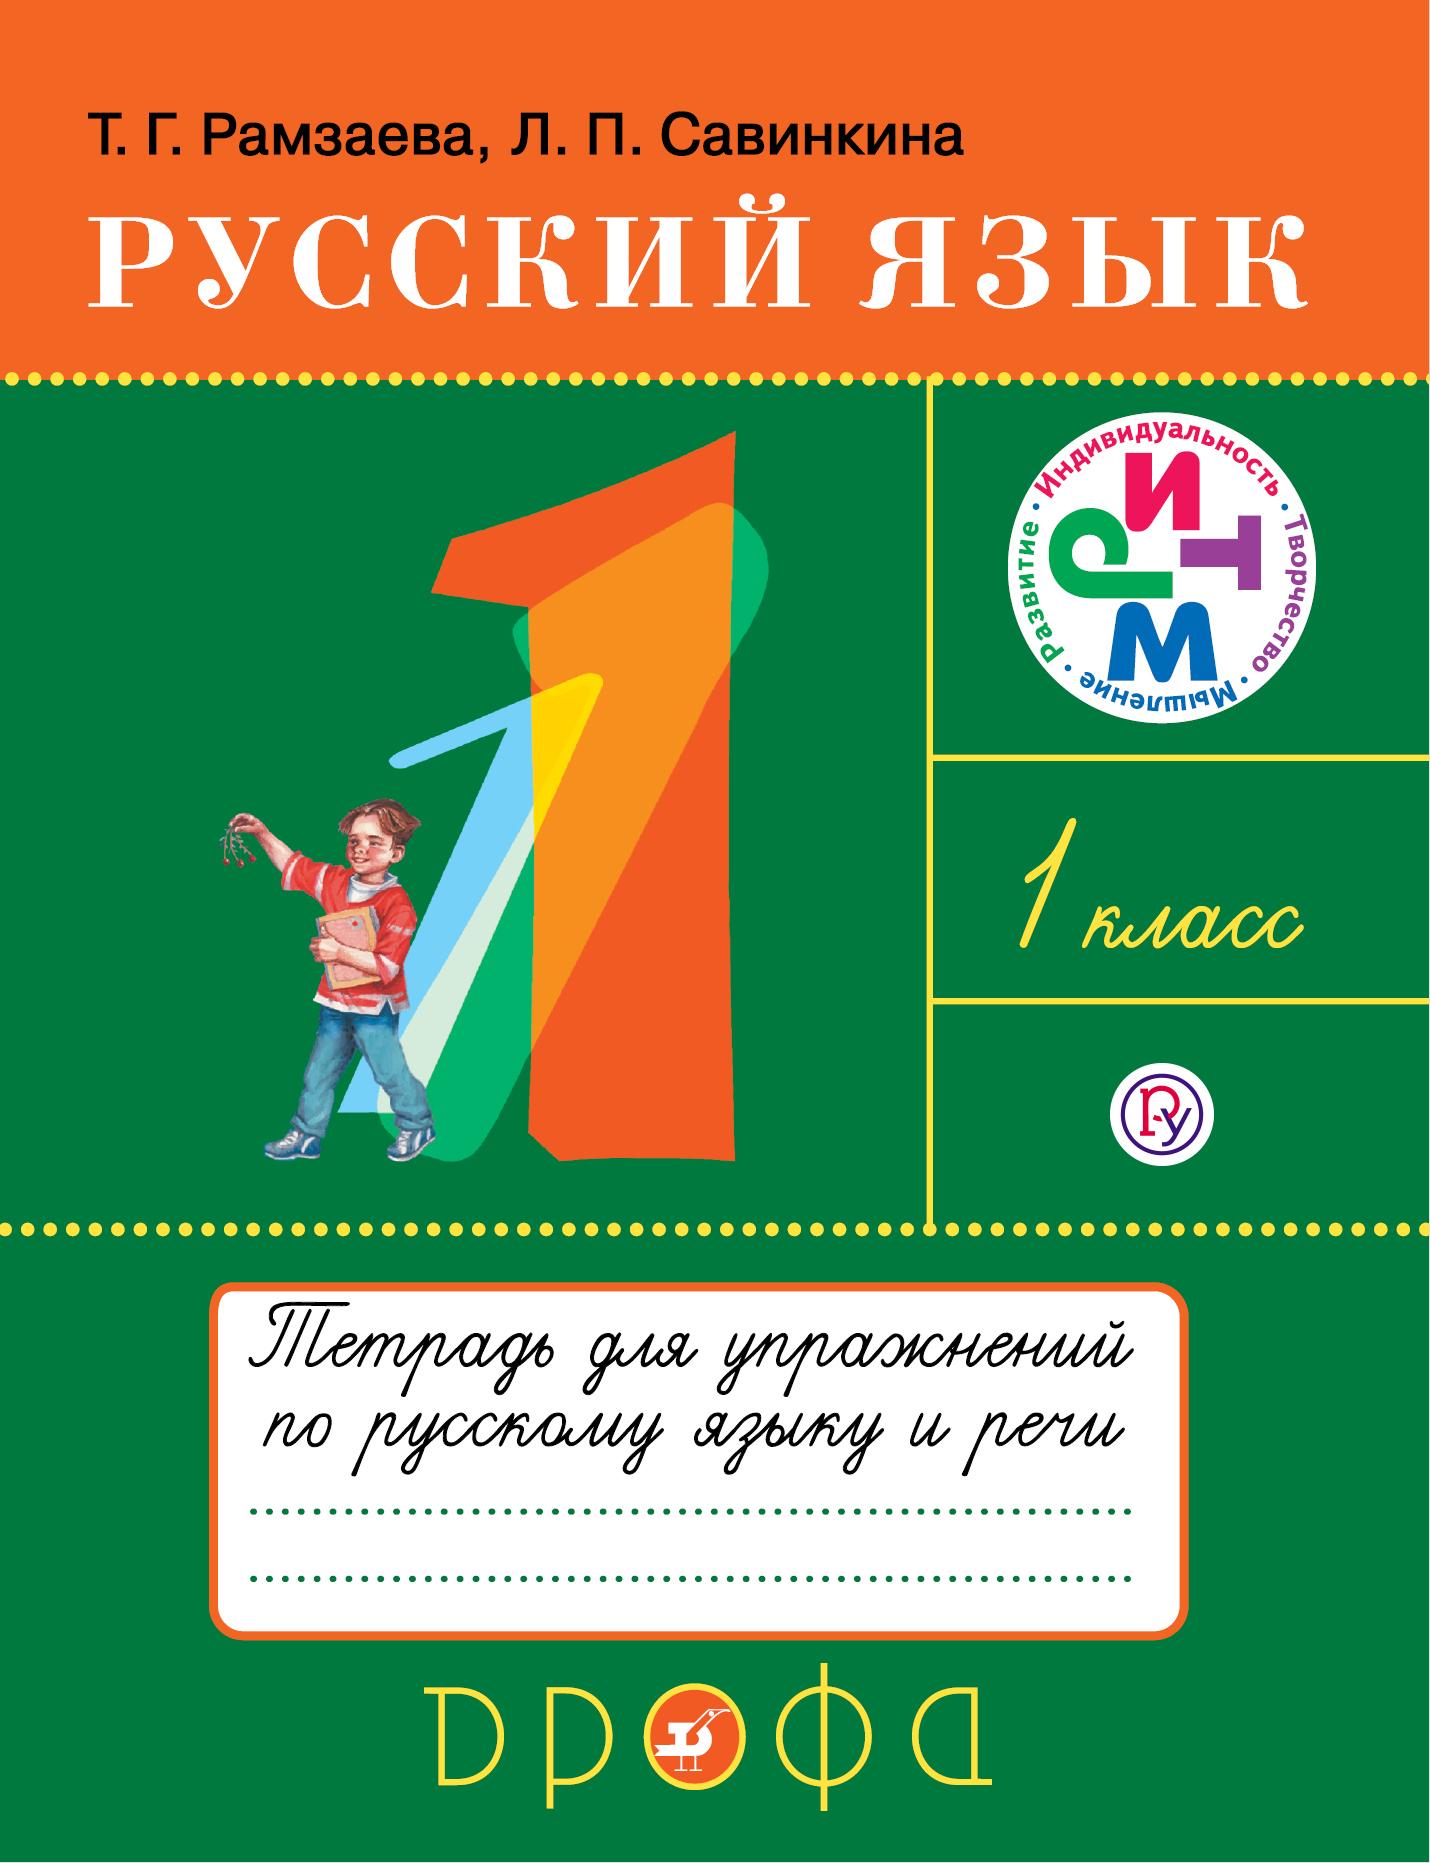 Готовые конспекты урока русского языка по внеурочной деятельности в 1 класс